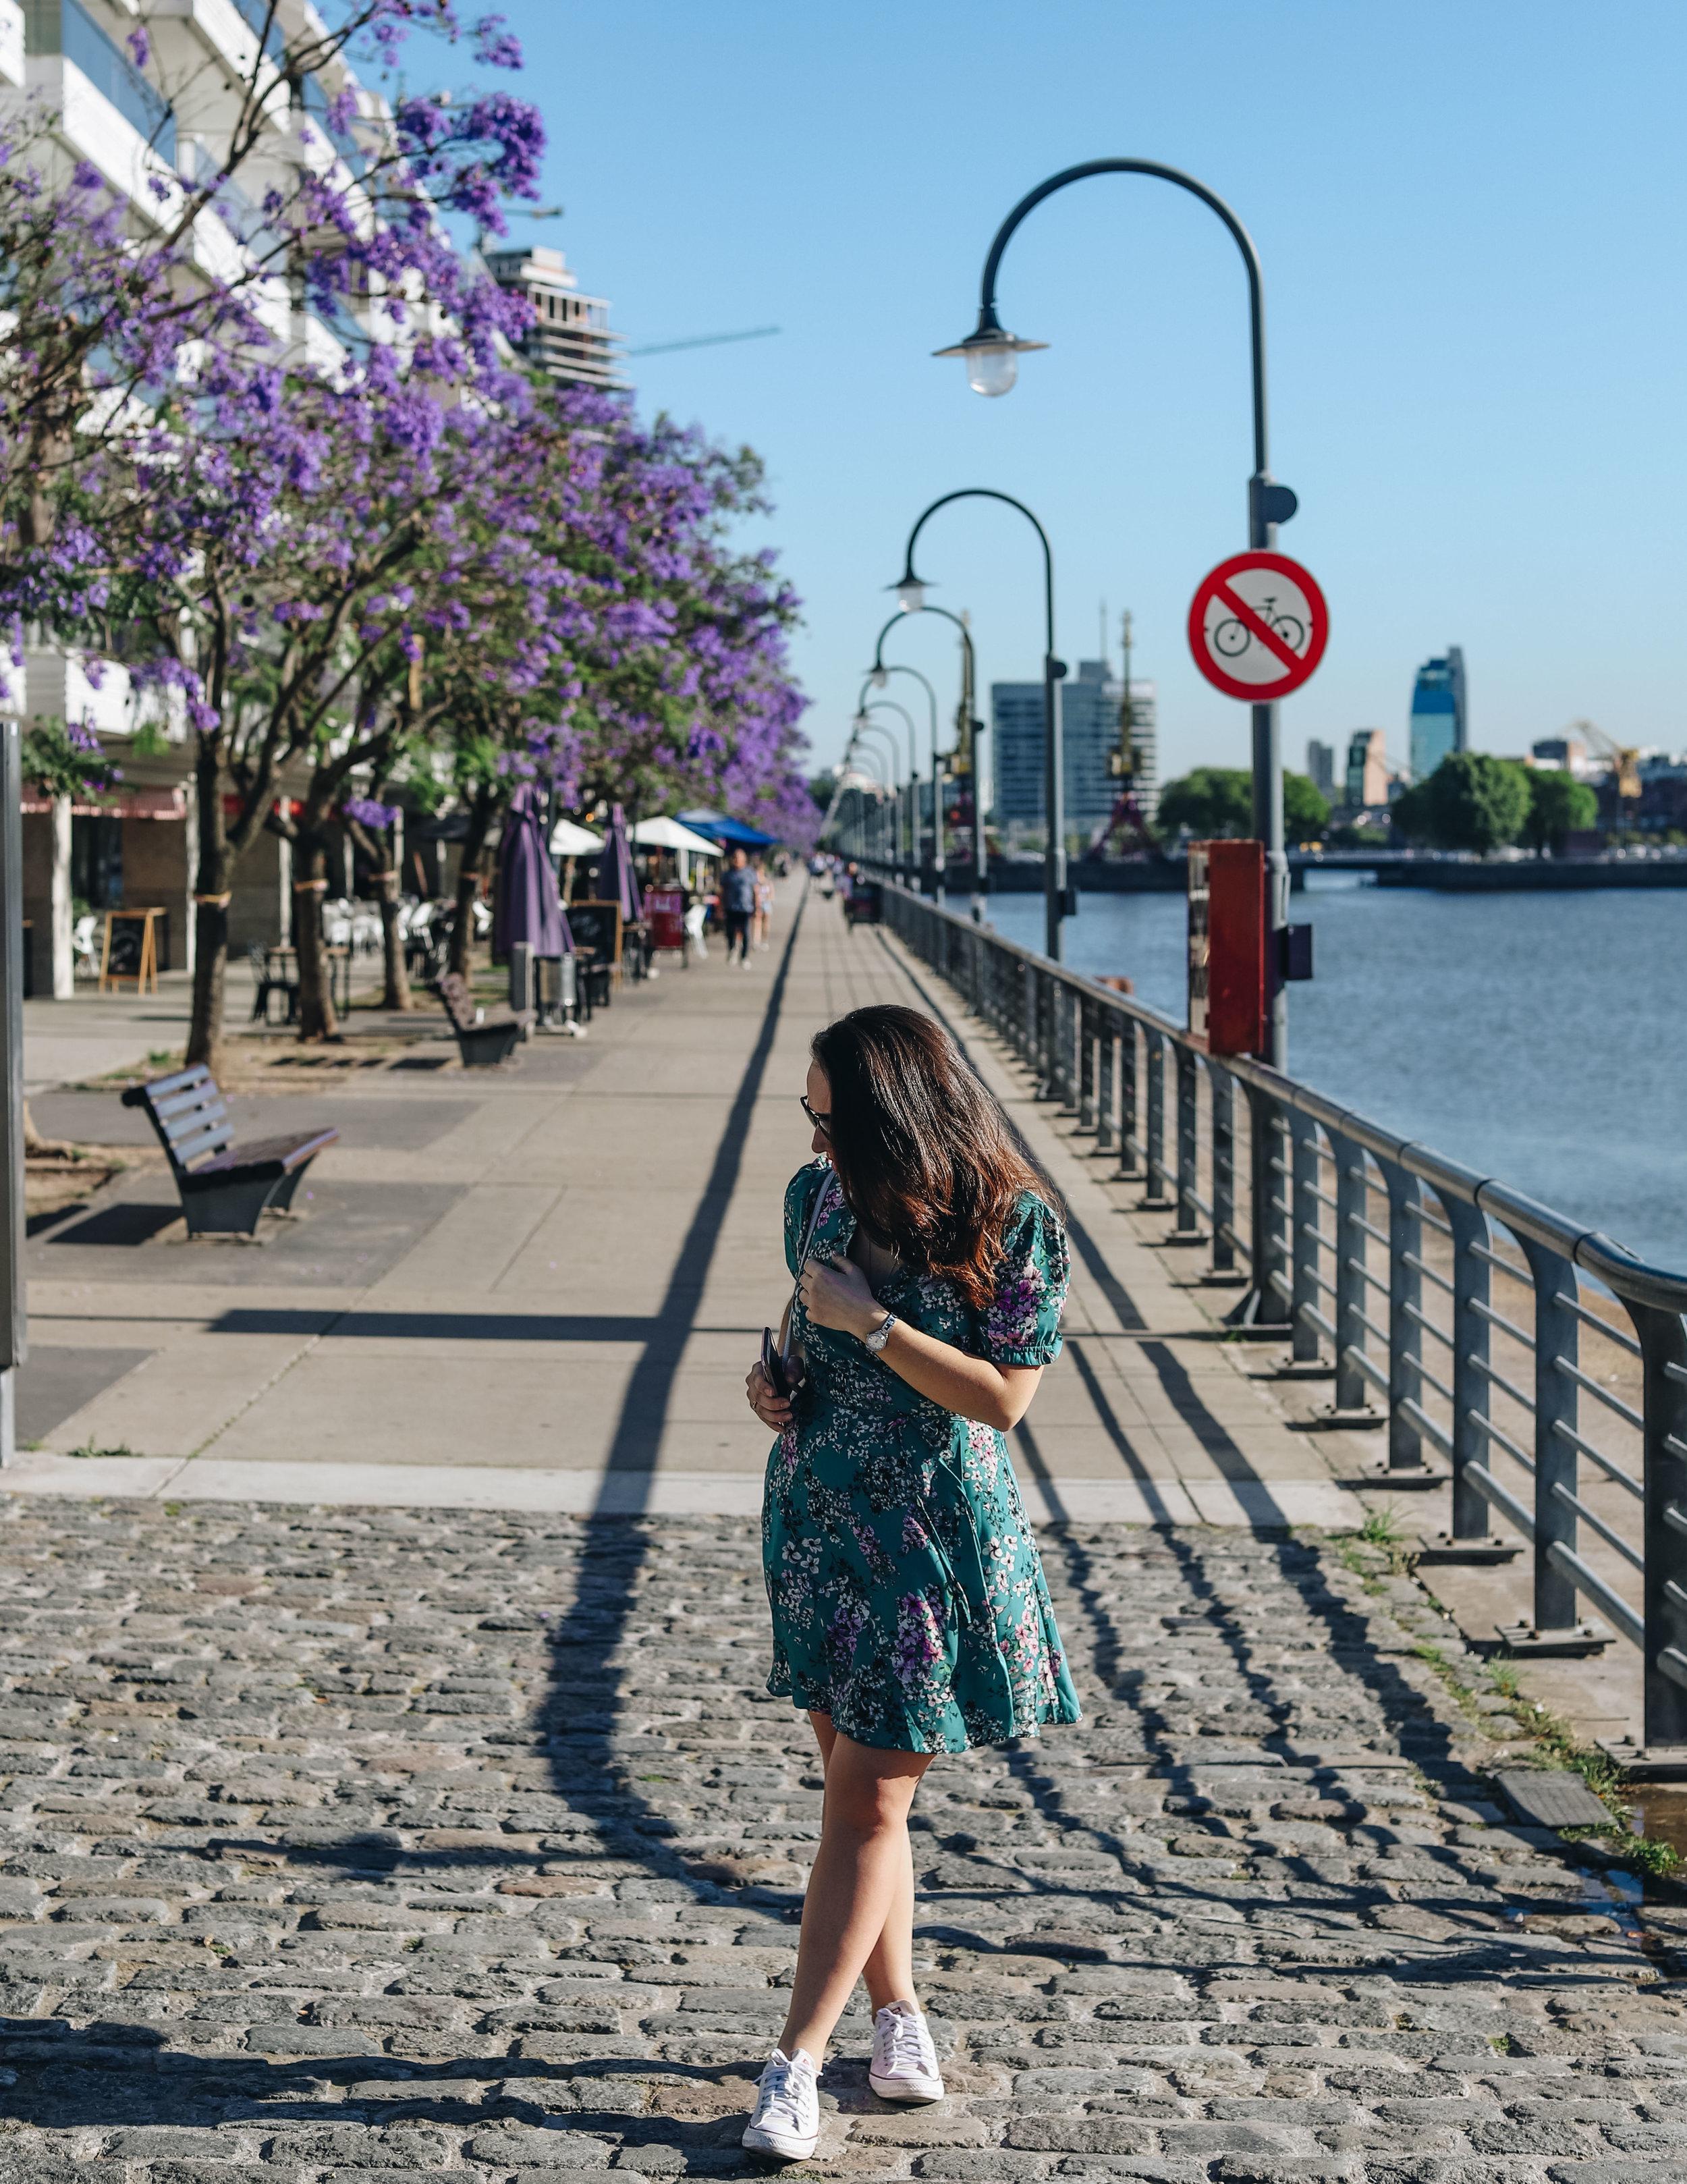 181611_Victoria_Rebecca_Liam_Argentina-21.jpg